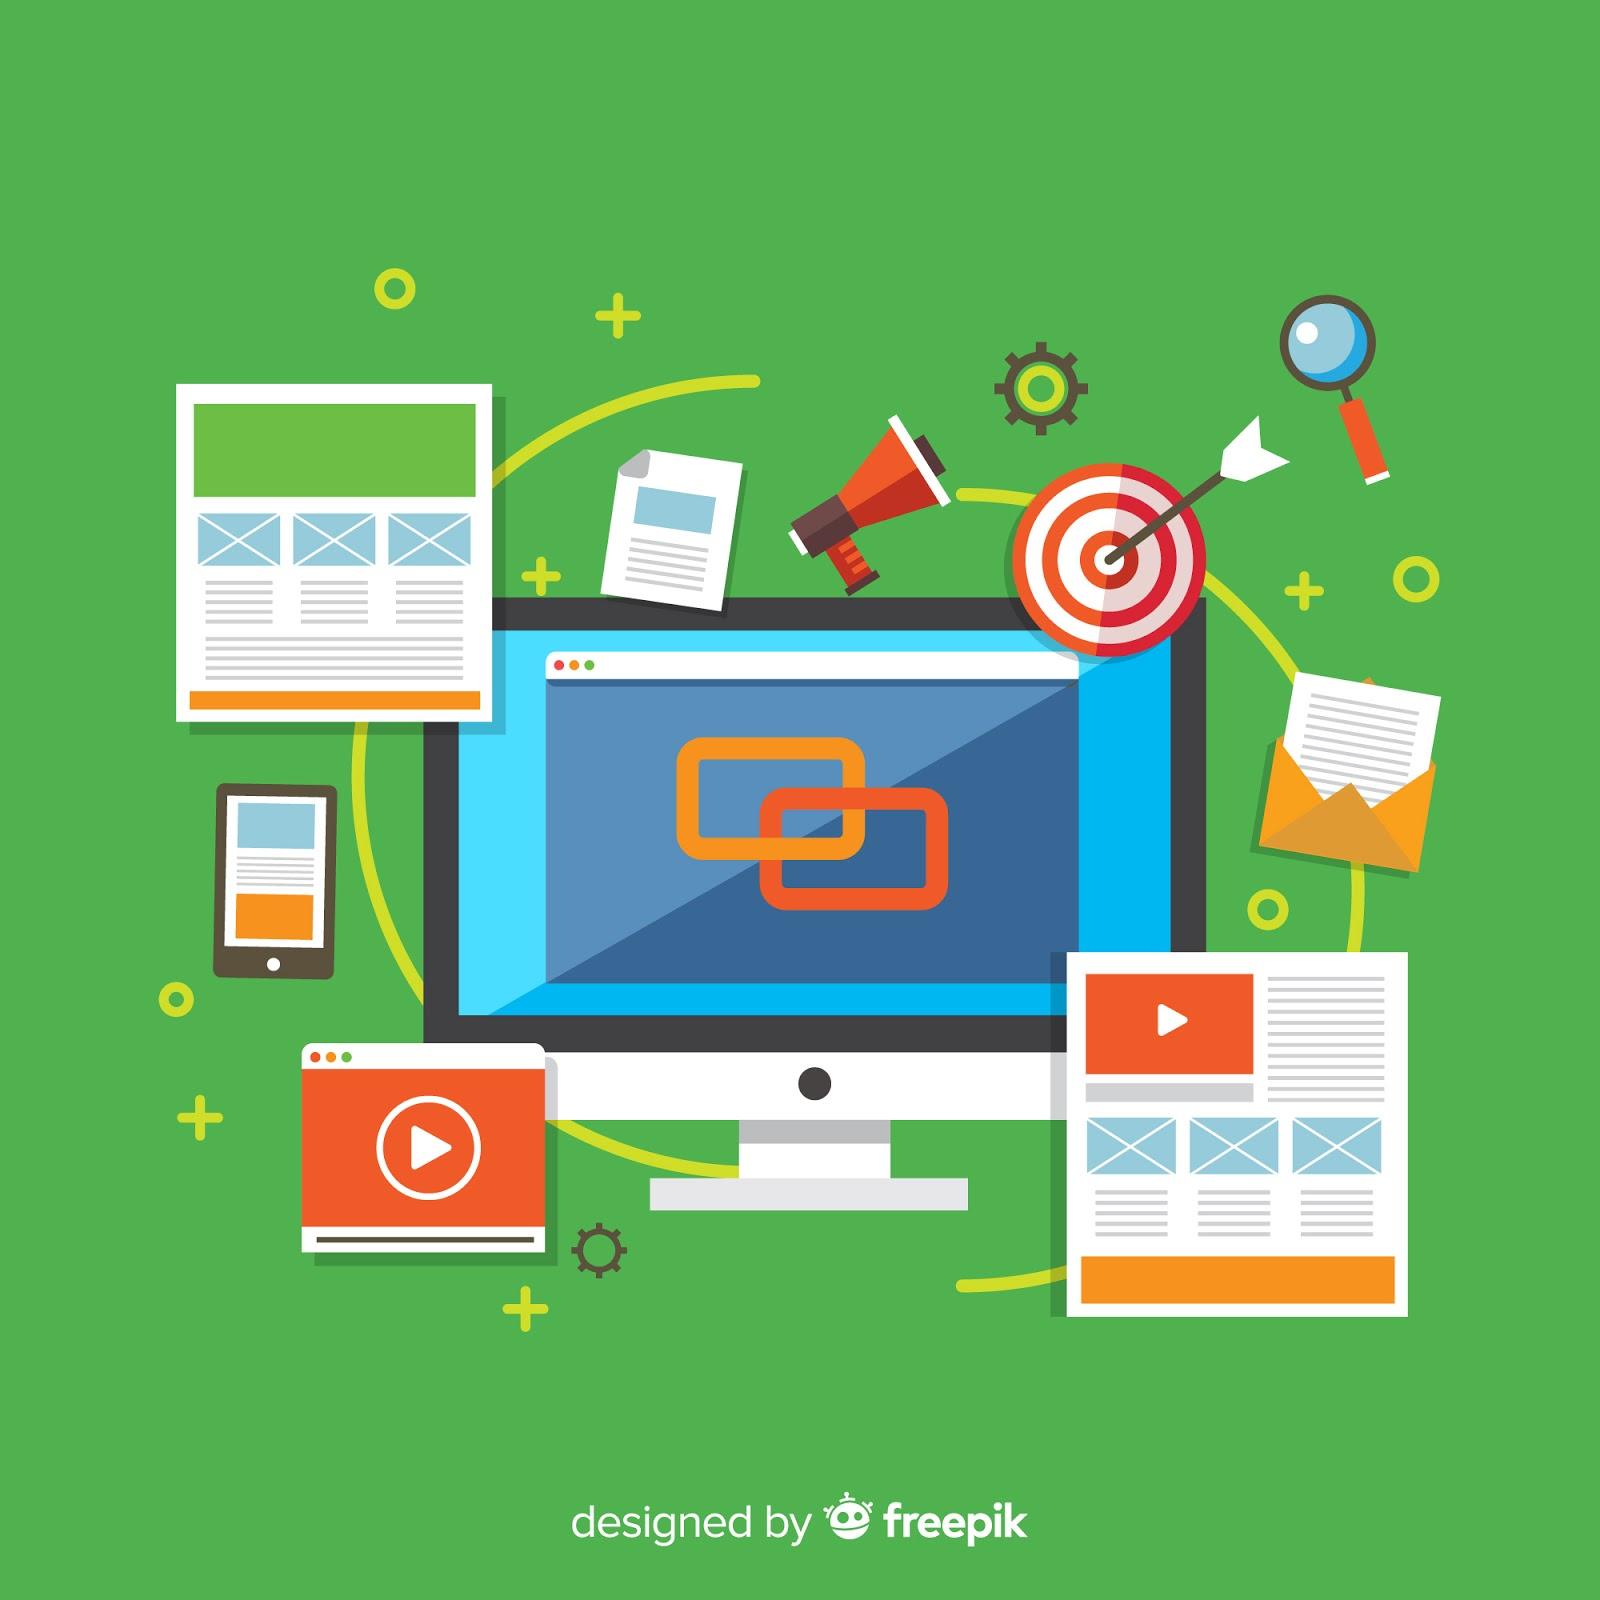 Get 10 Free High PR Backlinks Sites List (Link Building Strategy 2020)